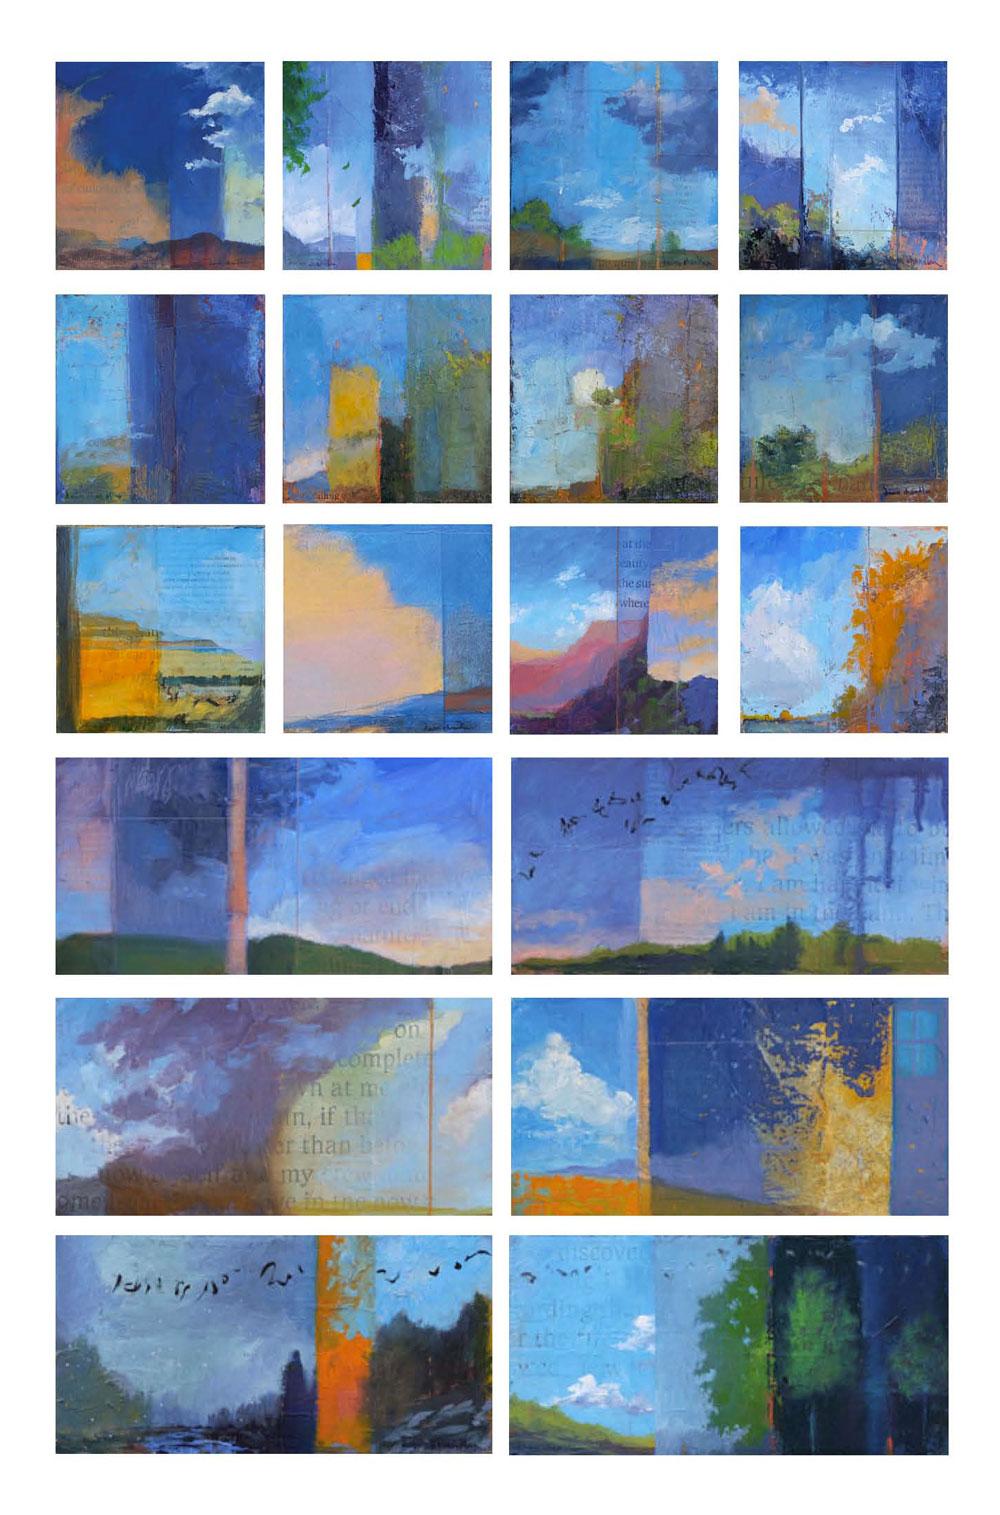 DawnChandler-textual-landscape-sky-paintings-grid_1000px